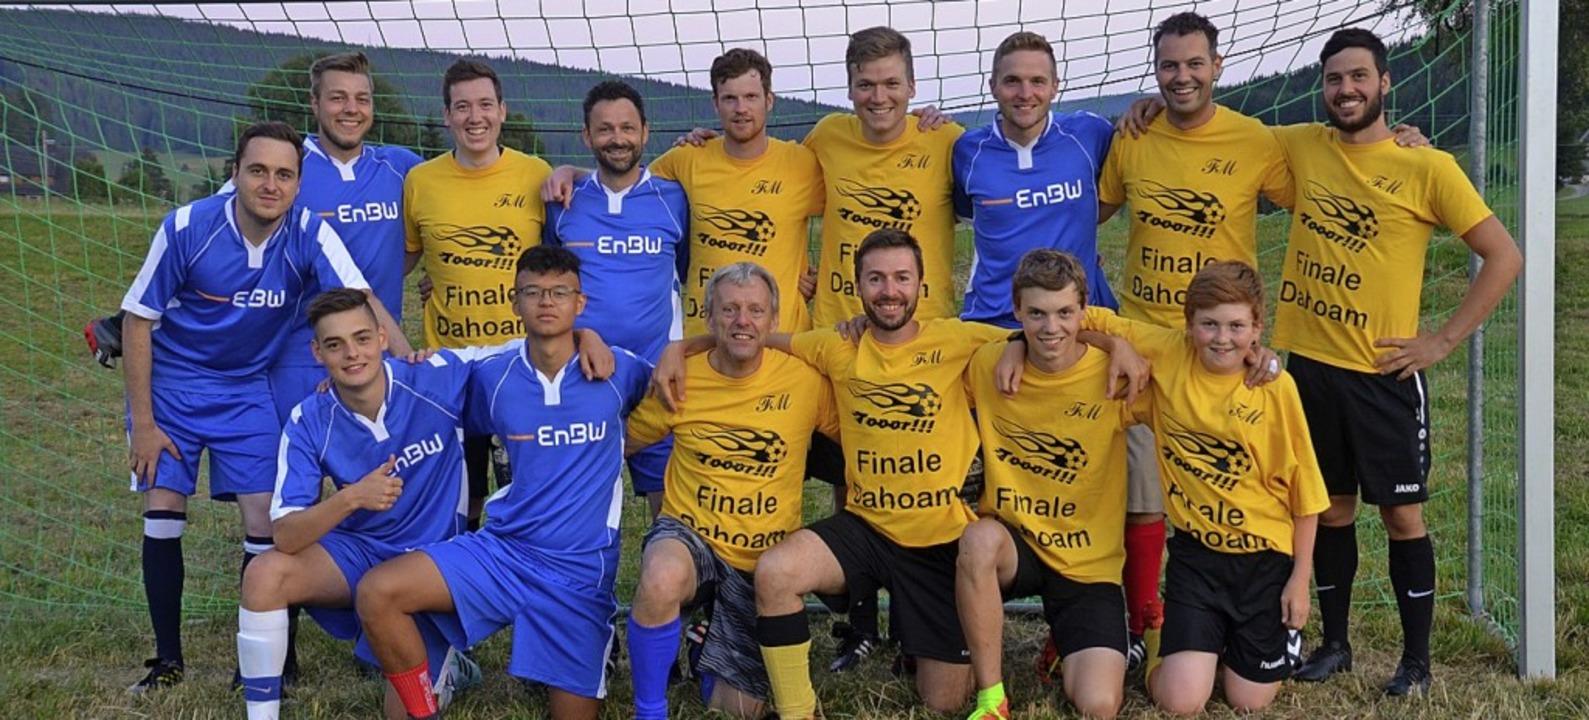 Das Balzenhofteam (gelbe Trikots) setzte sich  gegen den Förberhof durch.  | Foto: Markus Straub